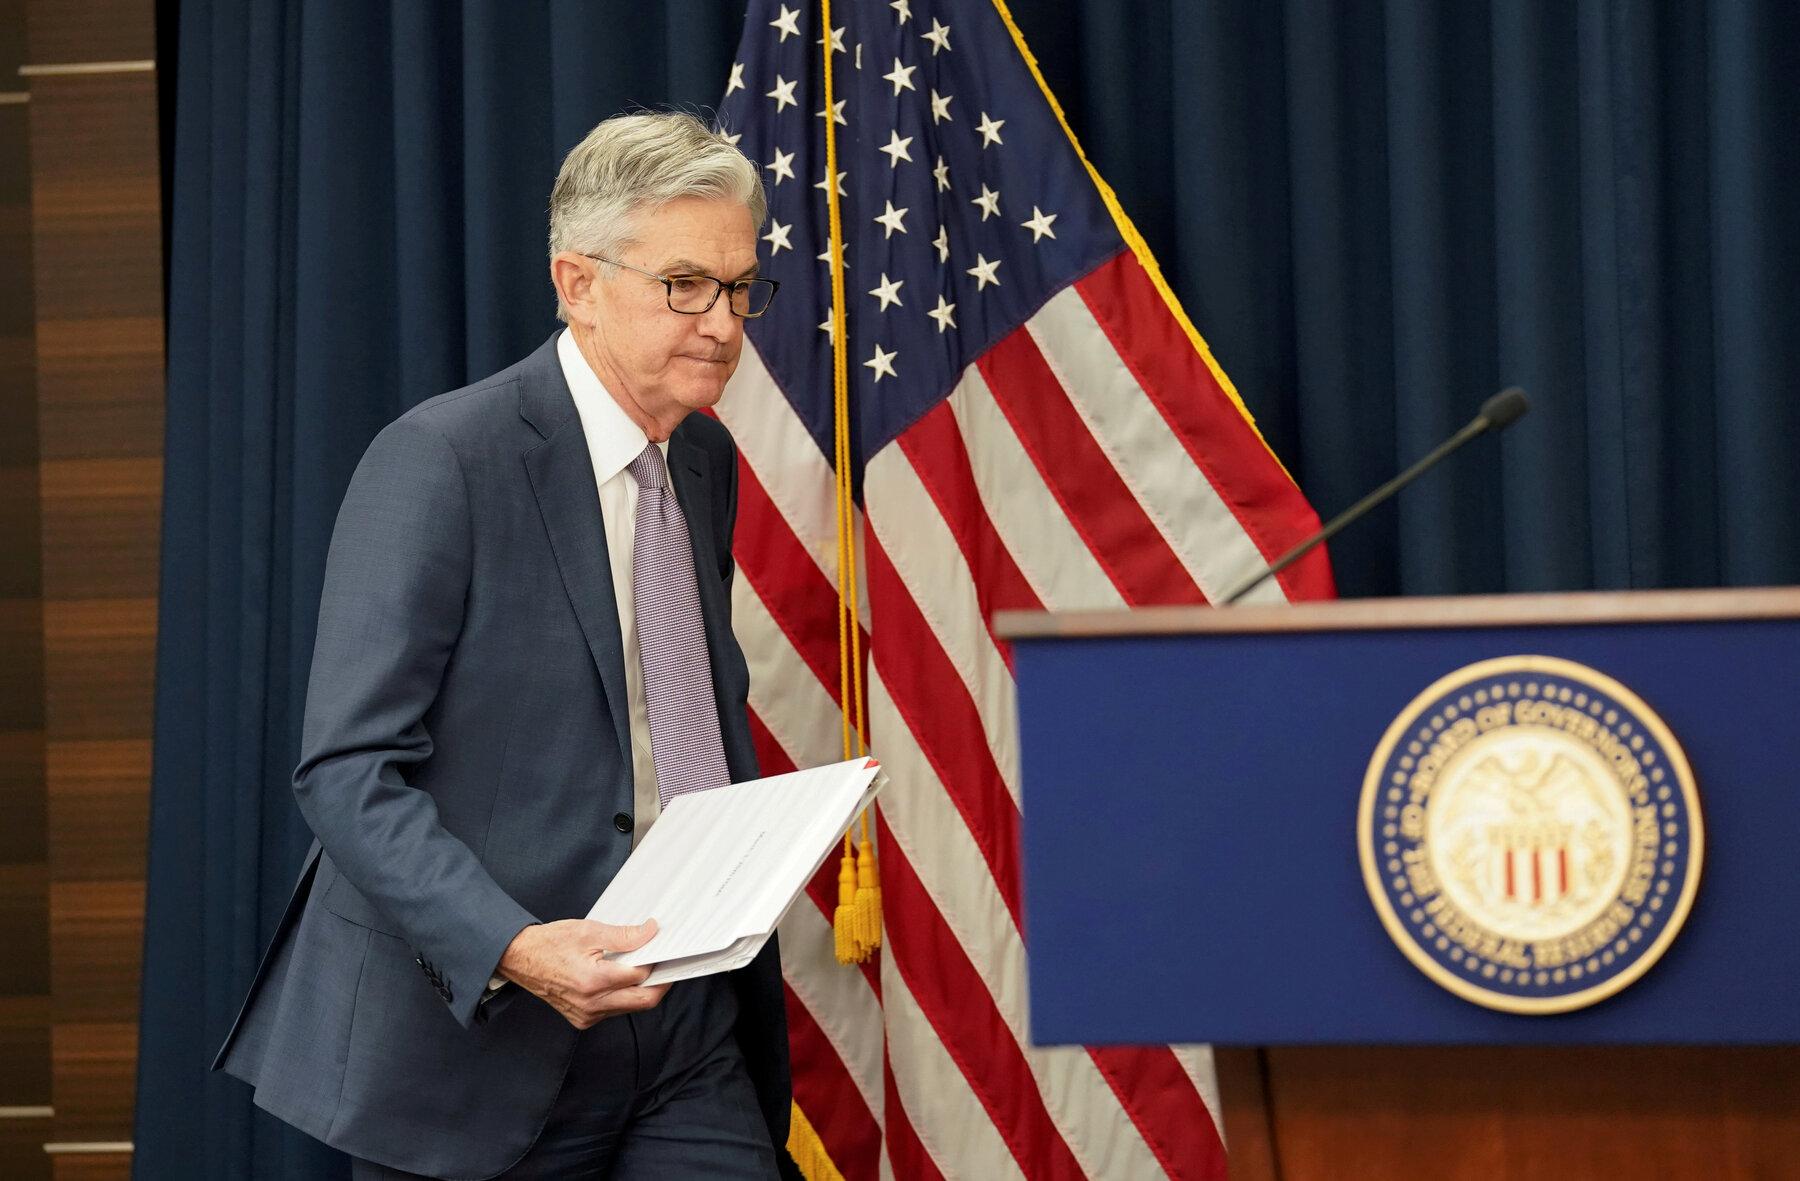 鲍威尔表态:美国经济处于拐点,但还不到放松警惕的时候